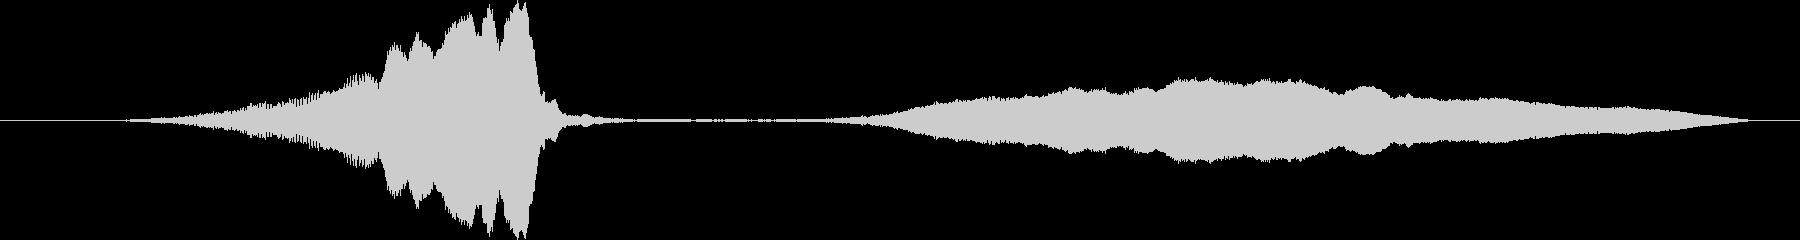 漫画スライドホイッスル:セクシーコ...の未再生の波形